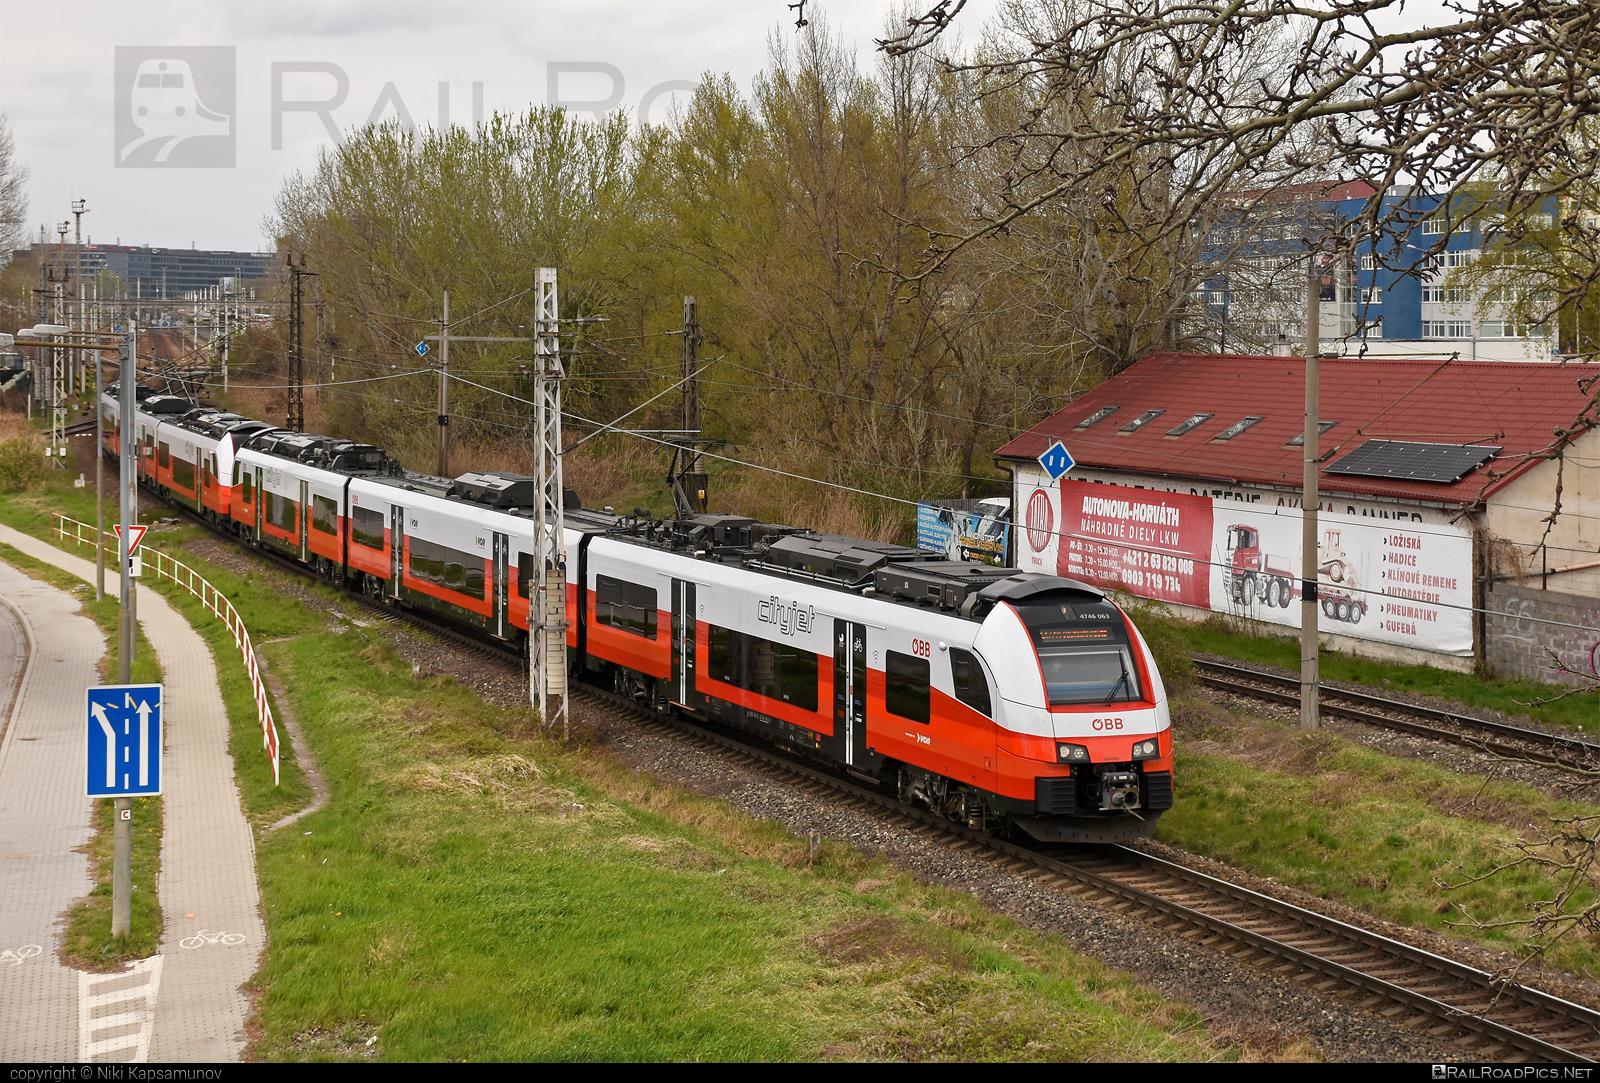 Siemens Desiro ML - 4746 063 operated by Österreichische Bundesbahnen #cityjet #desiro #desiroml #obb #obbcityjet #osterreichischebundesbahnen #siemens #siemensdesiro #siemensdesiroml